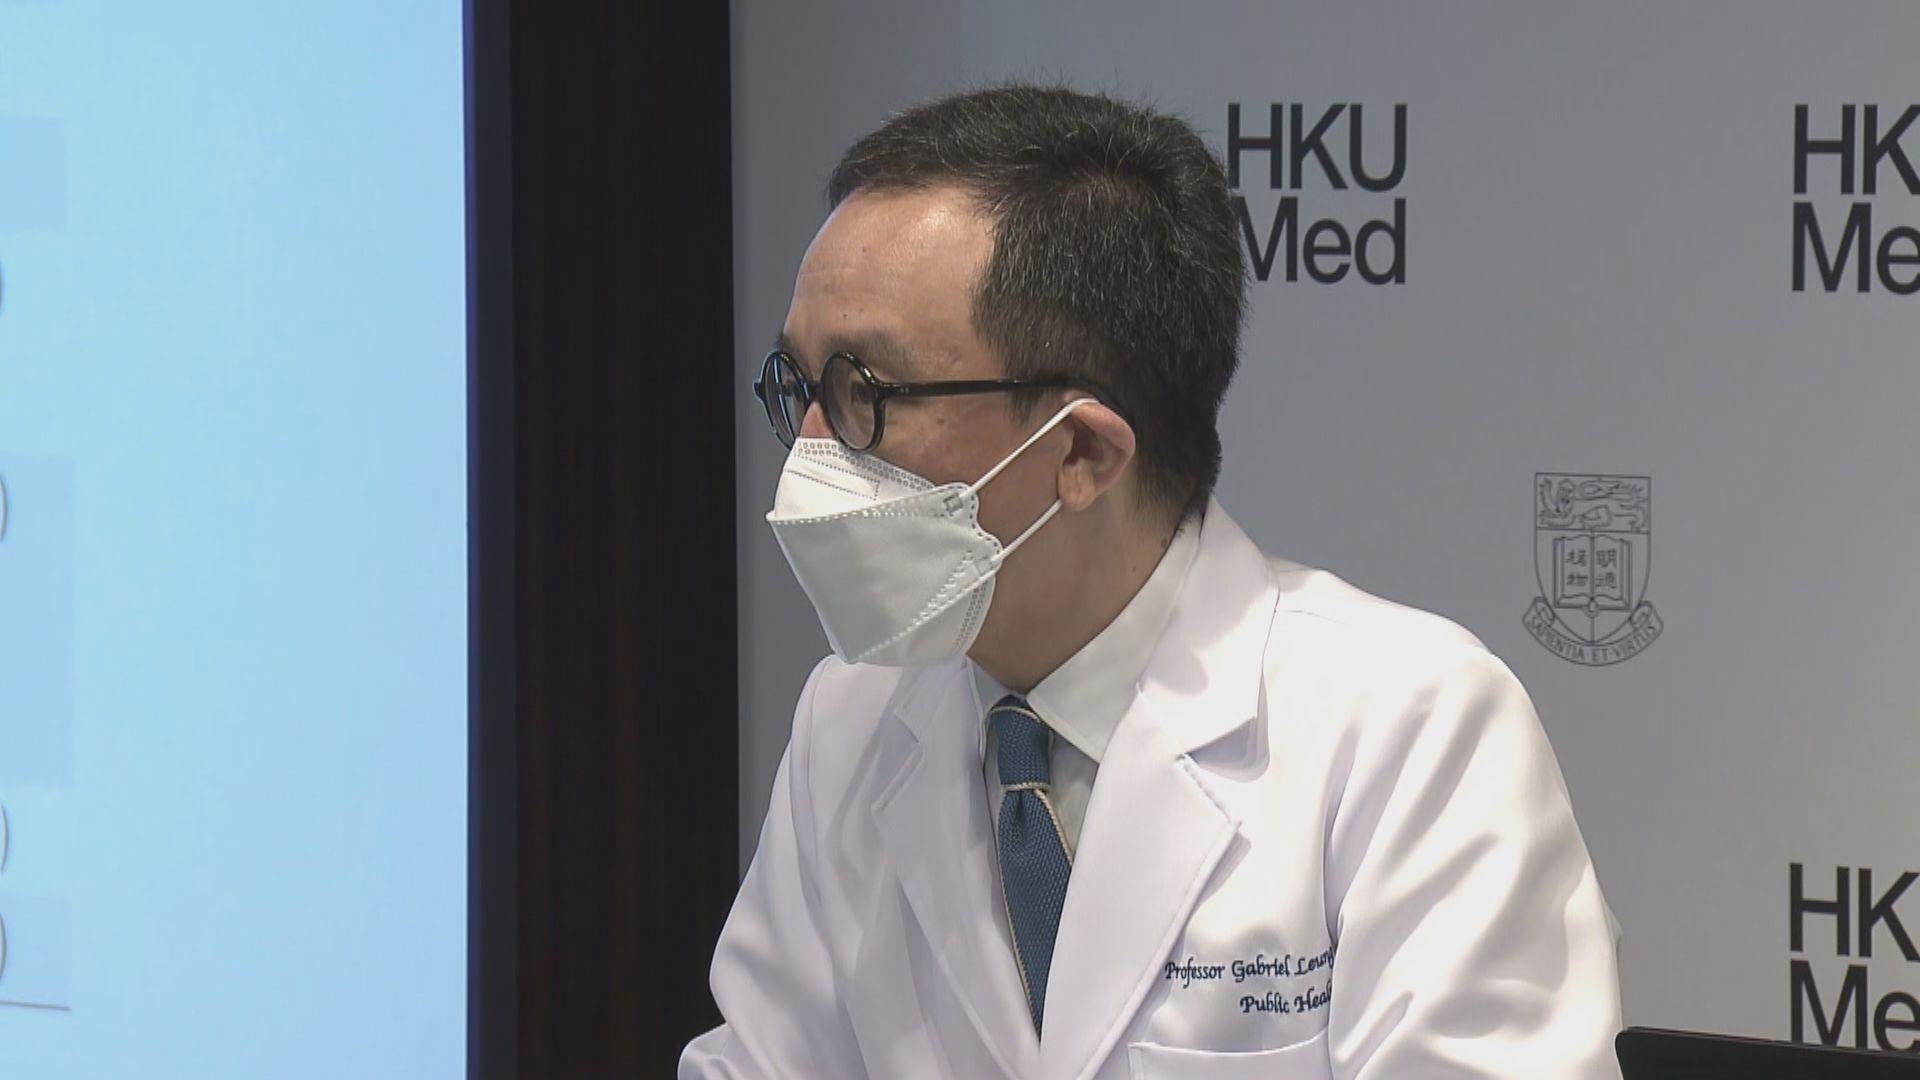 港大醫學院:本港進入自有疫情起最高風險時候